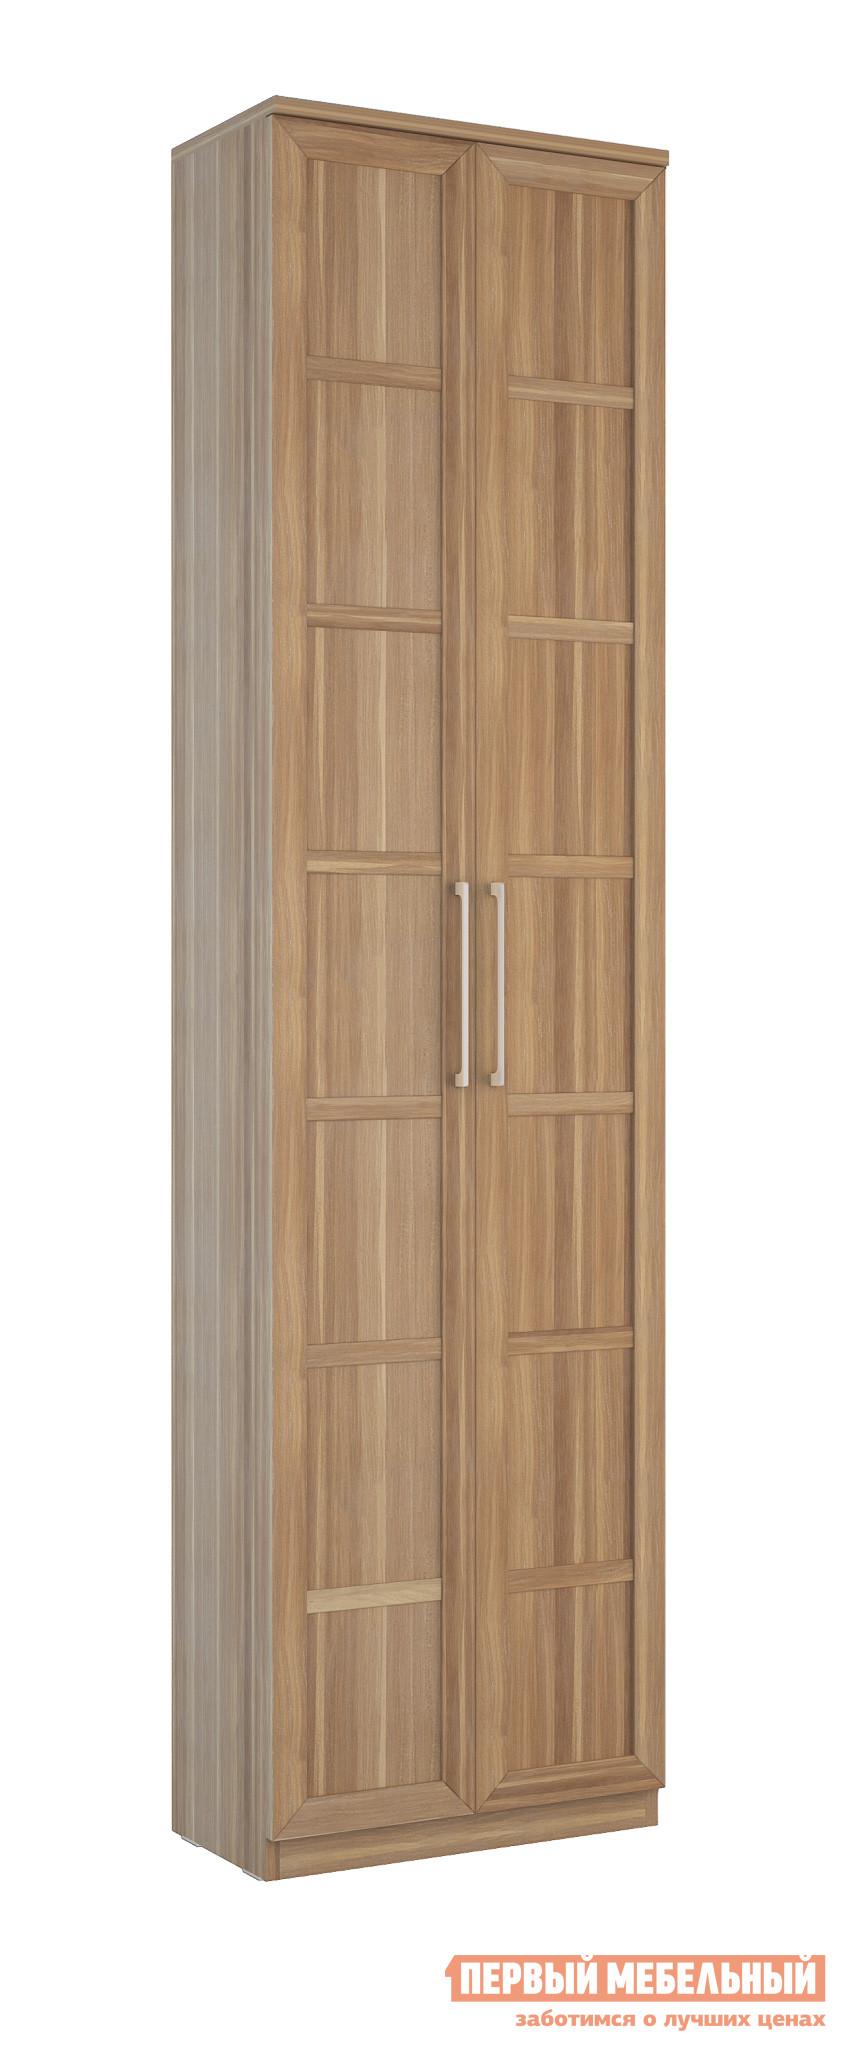 Шкаф распашной ВасКо СОЛО-058 Слива